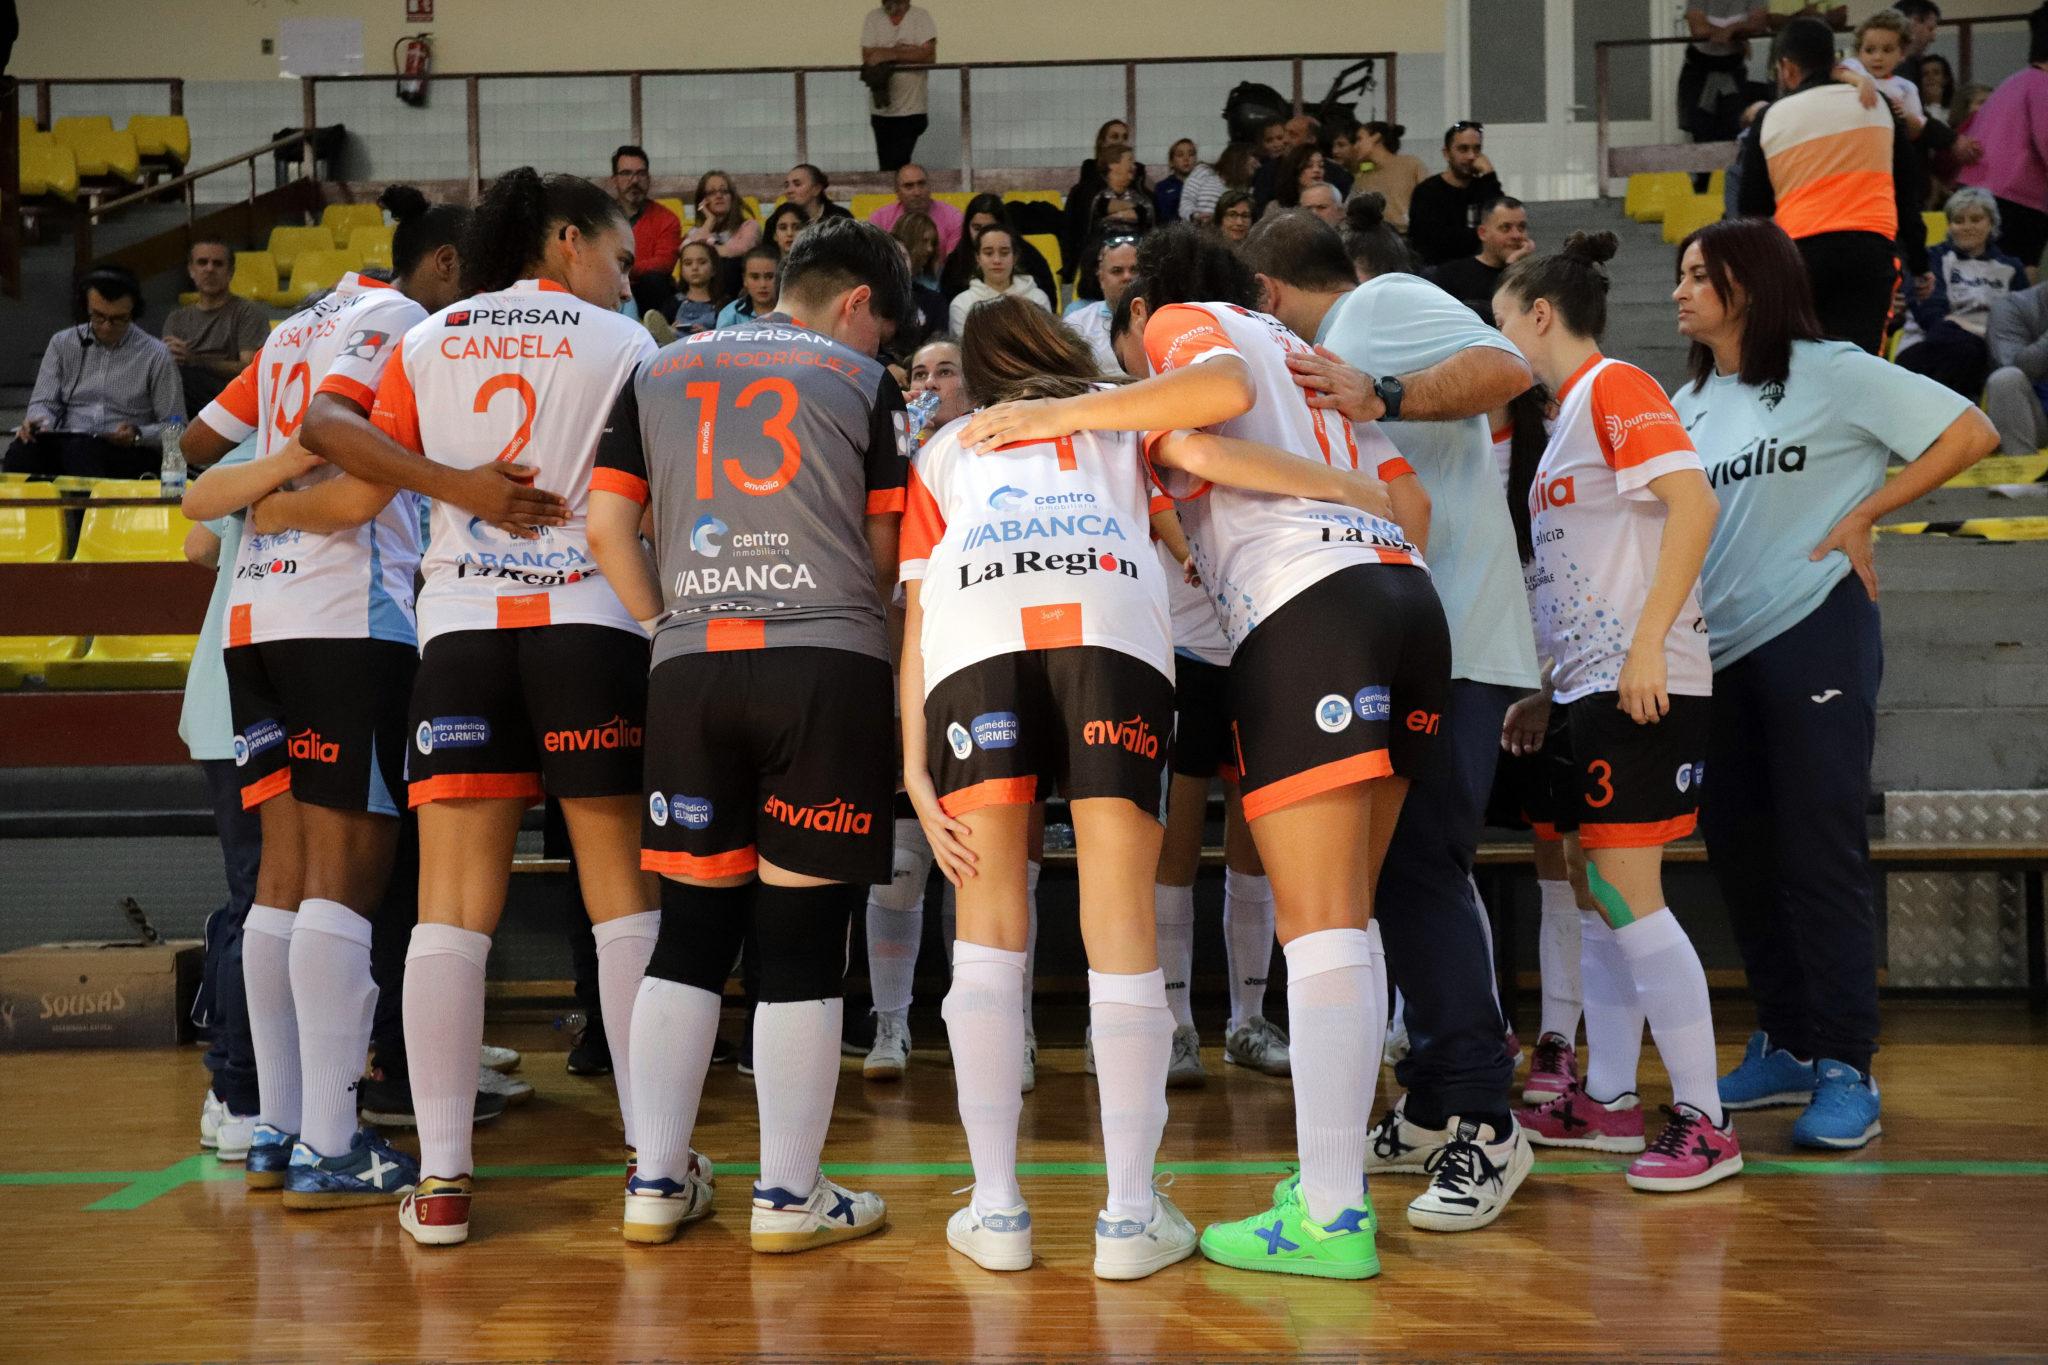 O Ourense Envialia loitará polo título en Málaga